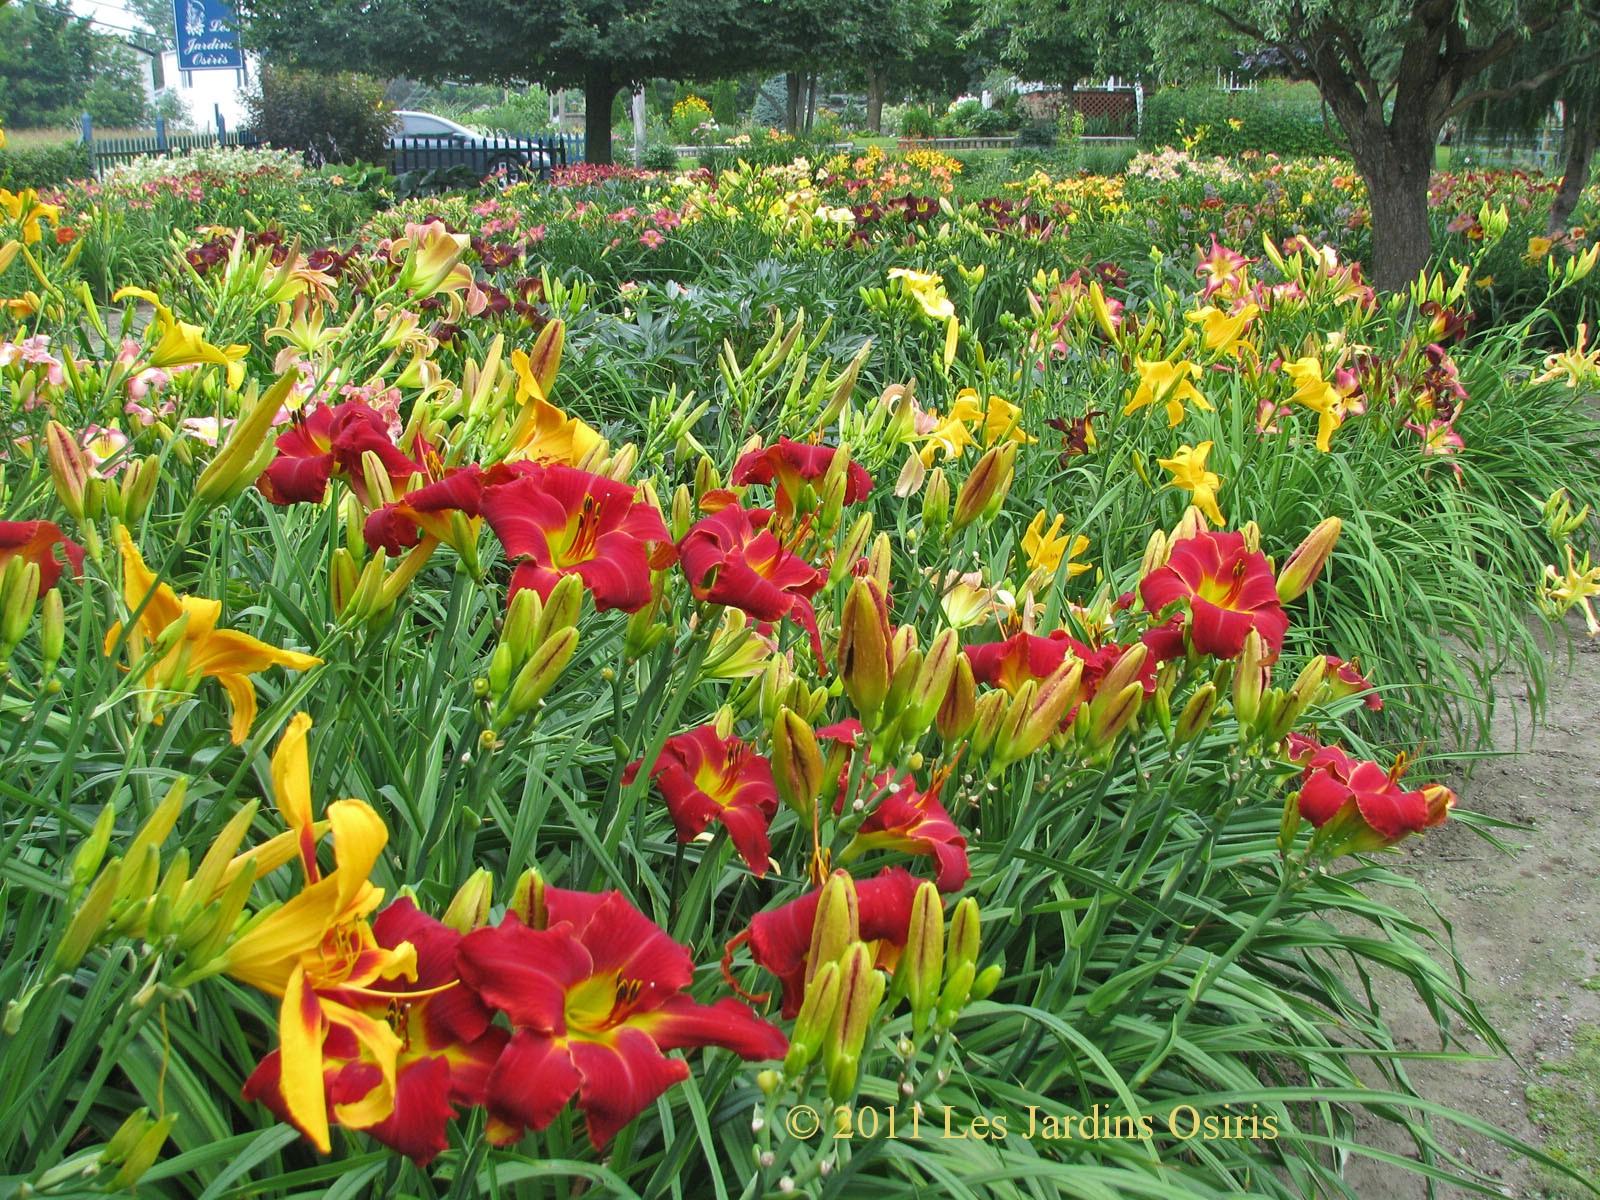 Les jardins osiris jardin de d monstration for Les compagnons des jardins